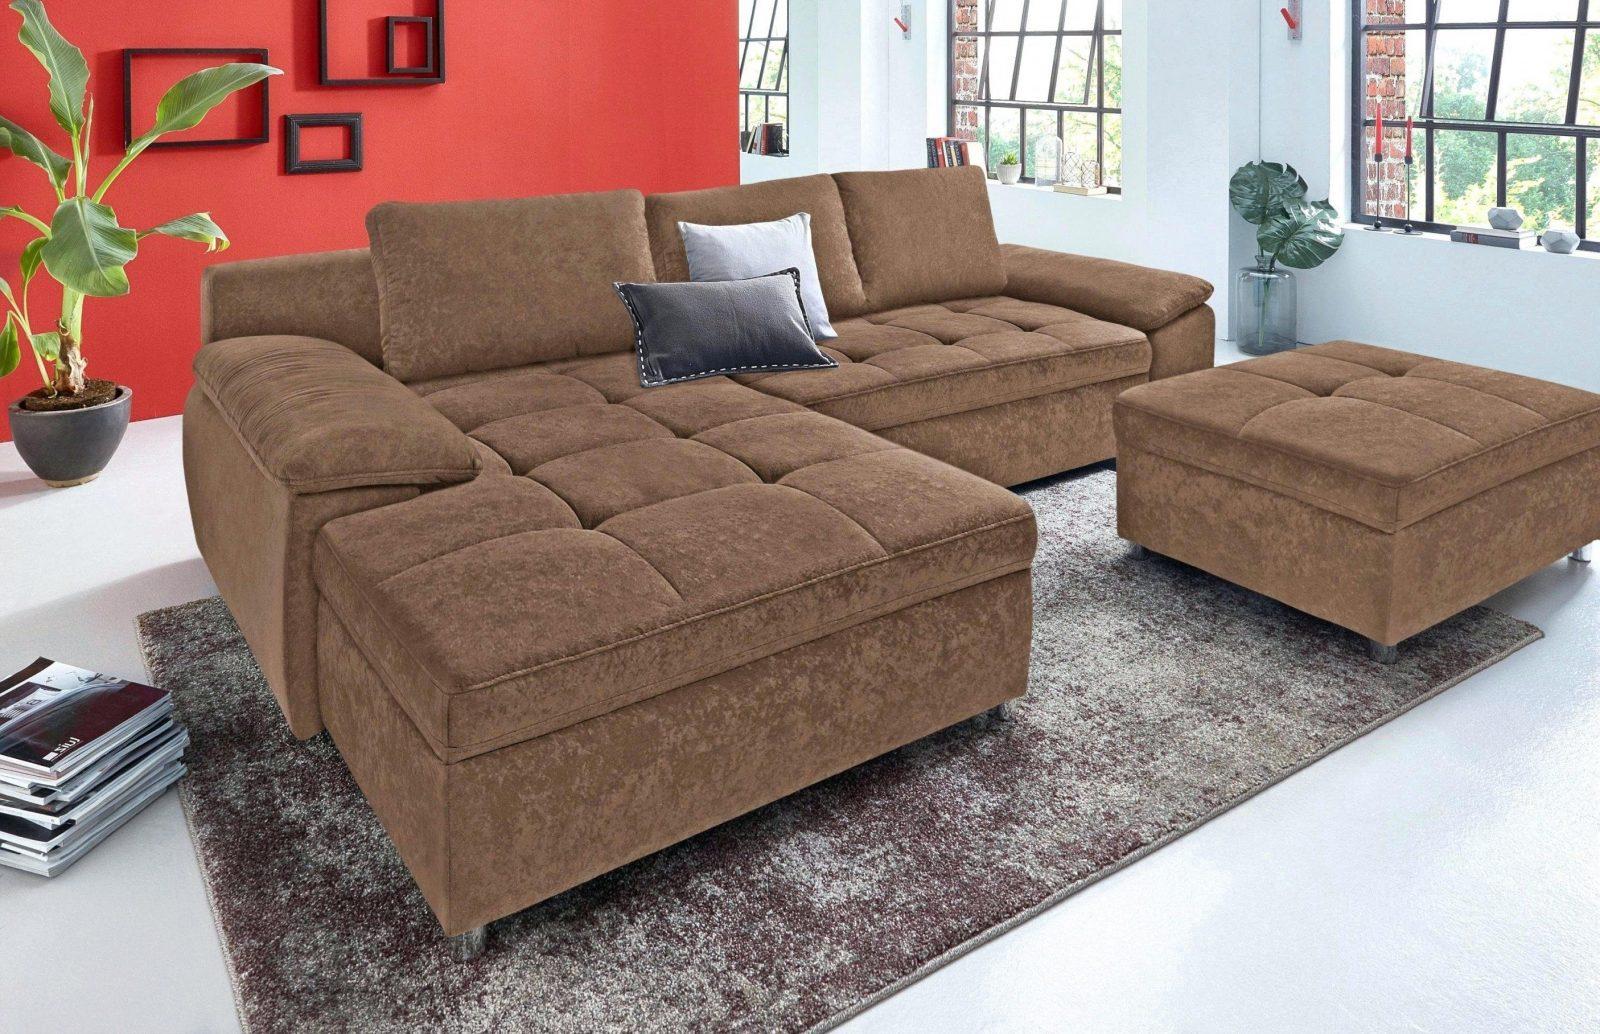 Xxl Sofa Otto Couch Xxl Schrecklich Xxl Couch Ahnung With Couch Xxl von Otto Couch Mit Schlaffunktion Bild